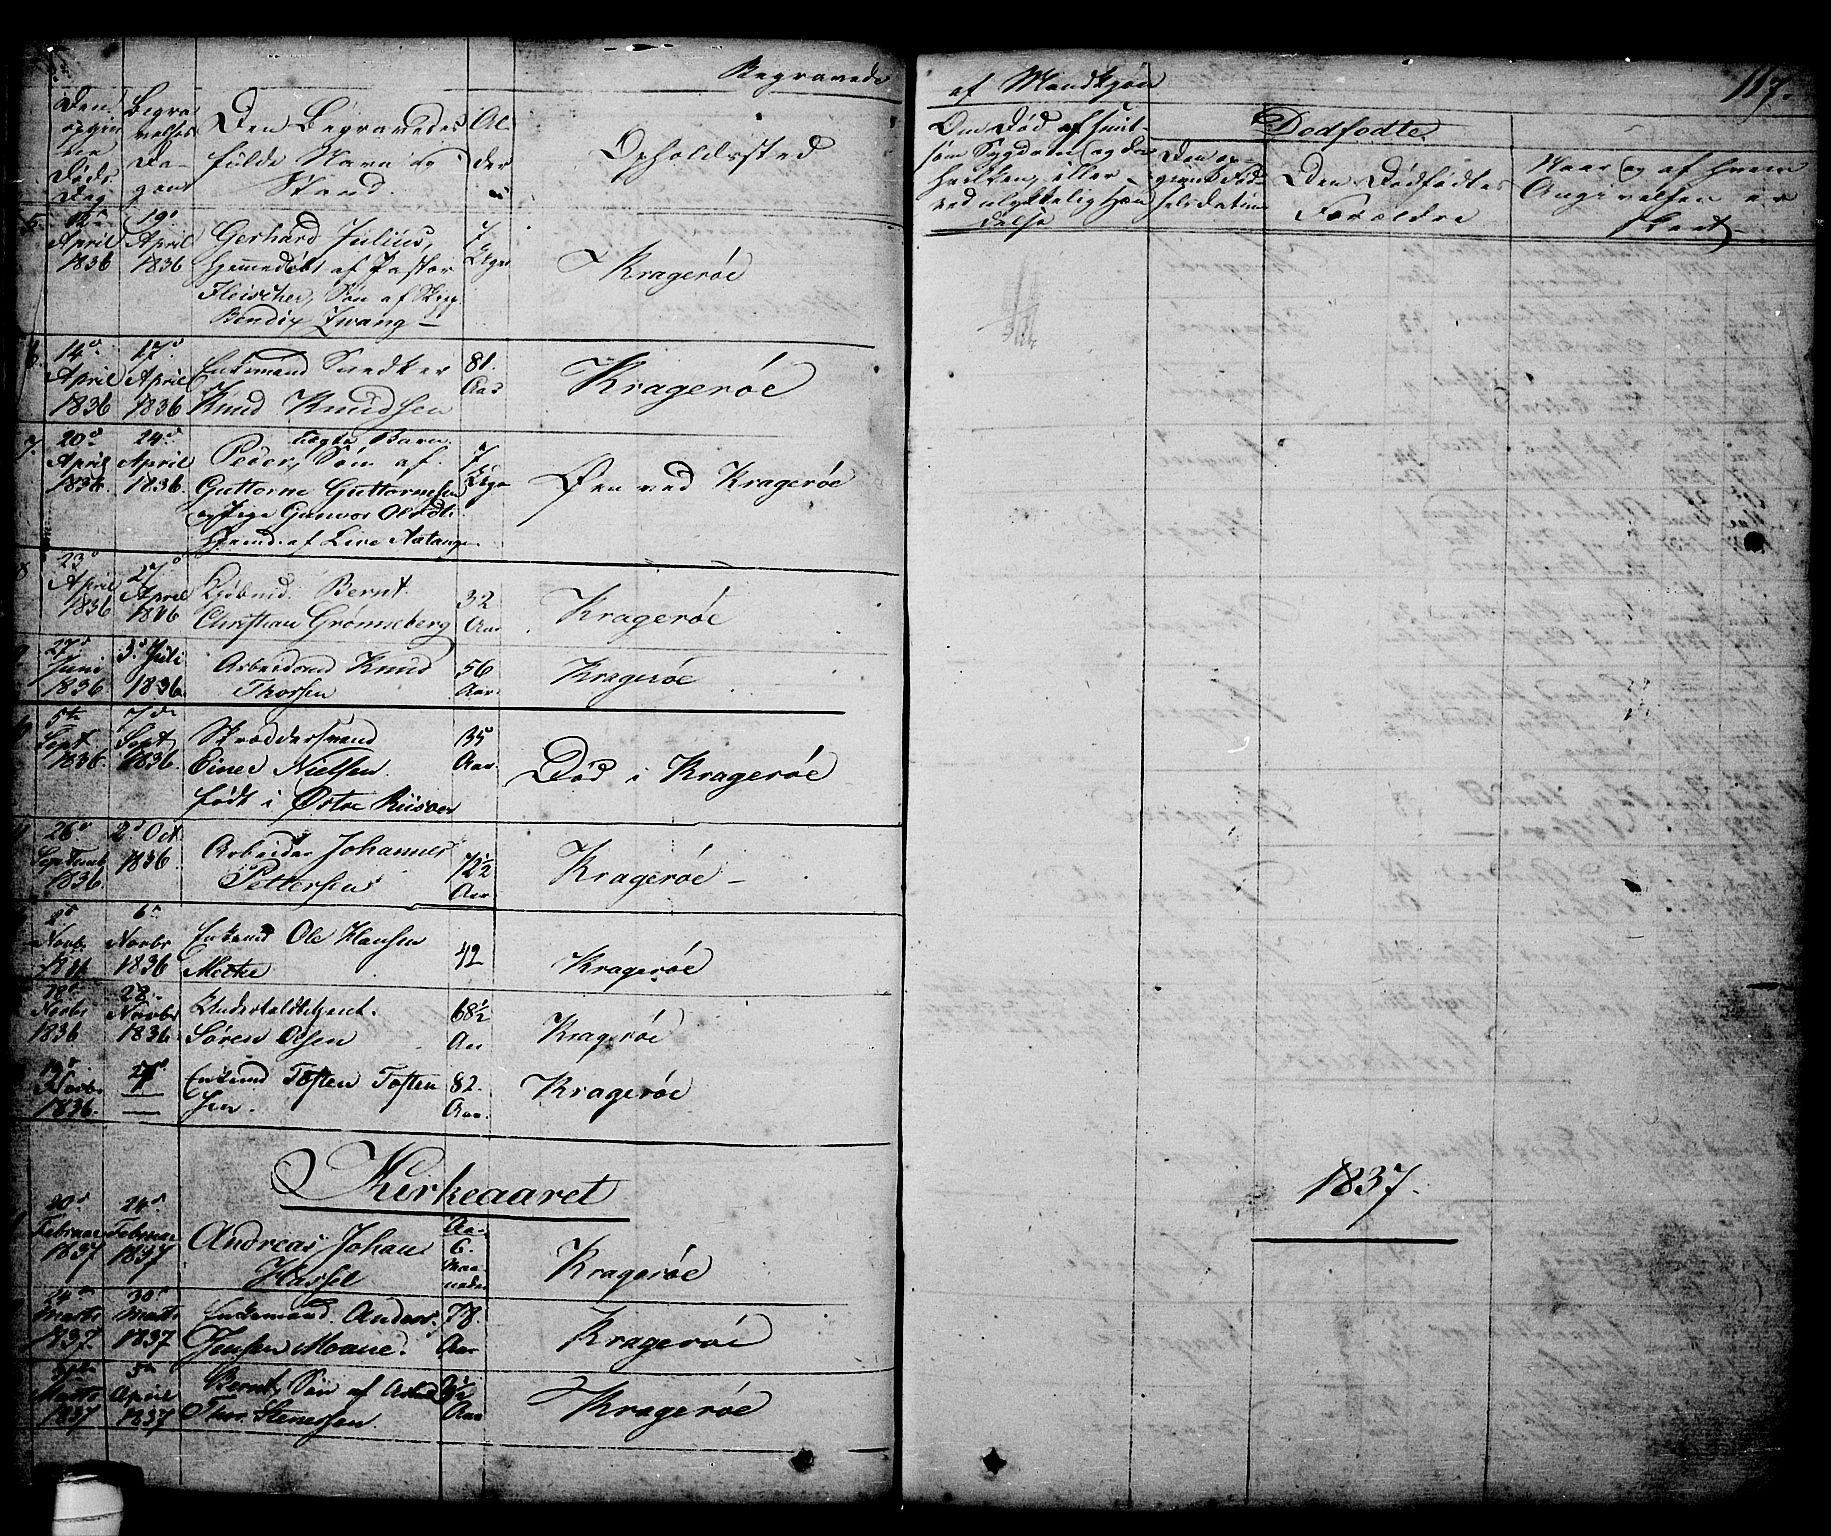 SAKO, Kragerø kirkebøker, G/Ga/L0003: Klokkerbok nr. 3, 1832-1852, s. 117